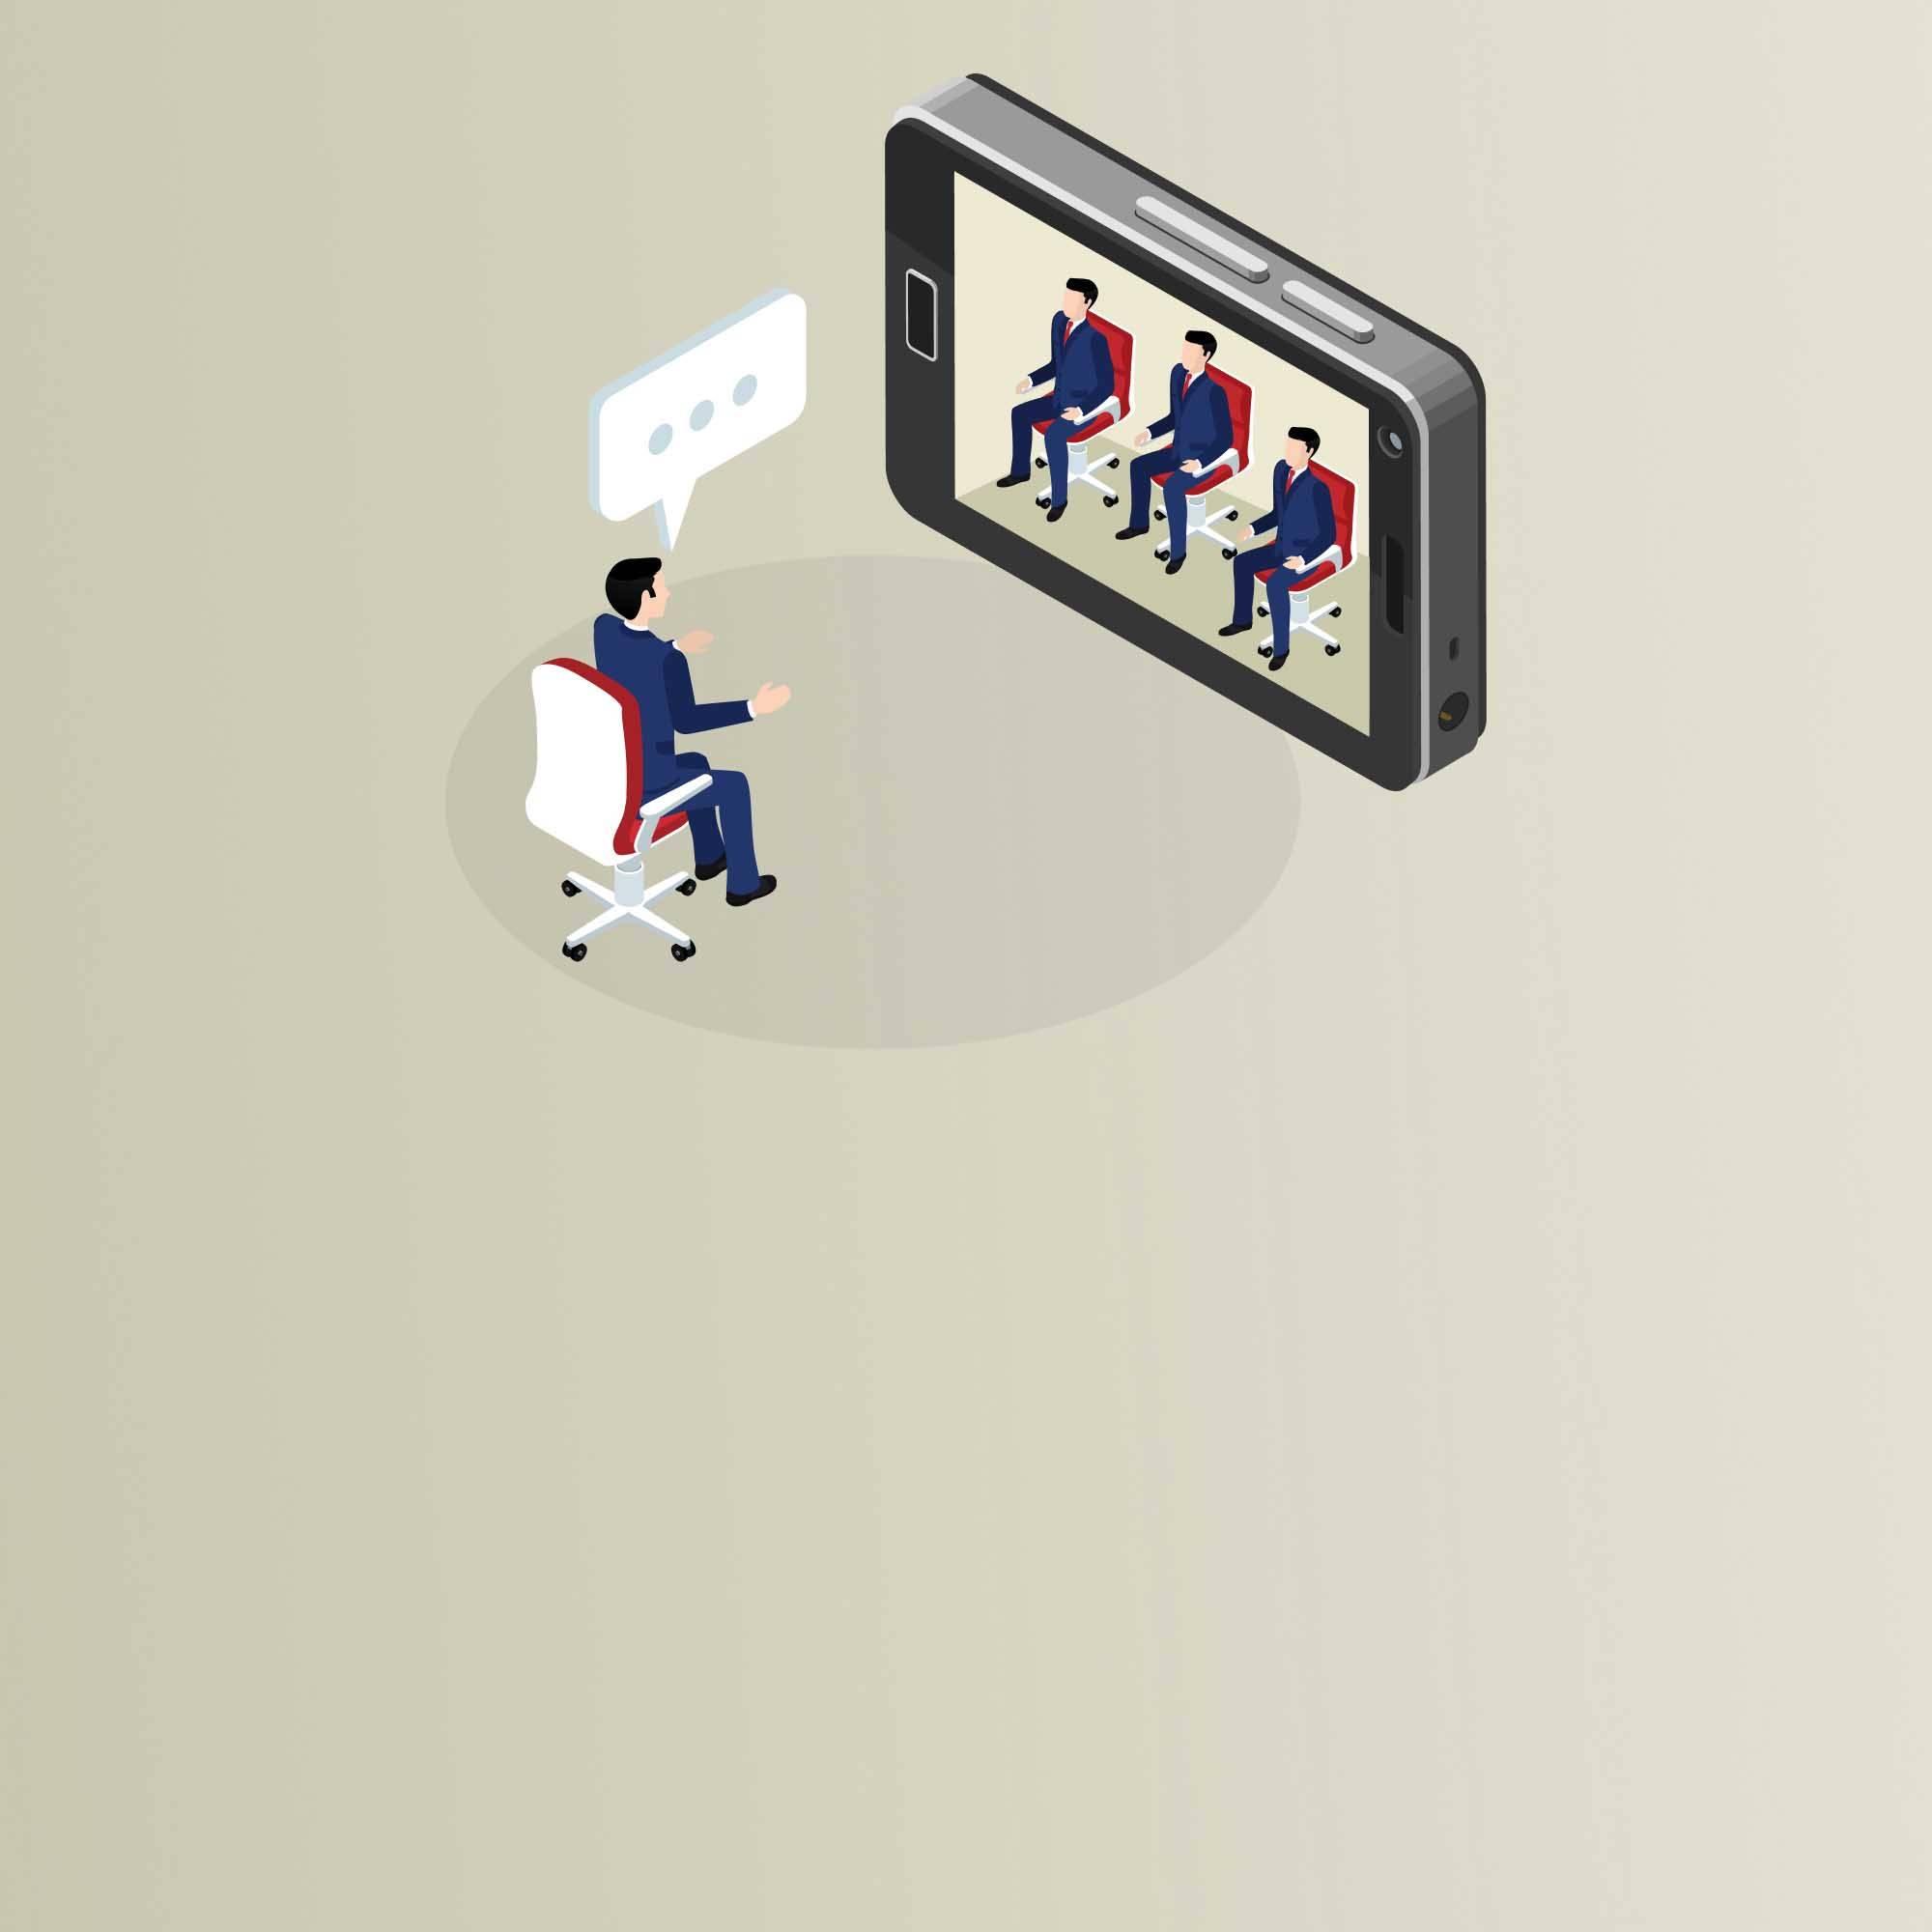 Что такое приложение clubhouse и как им пользоваться? есть ли на телефонах android?